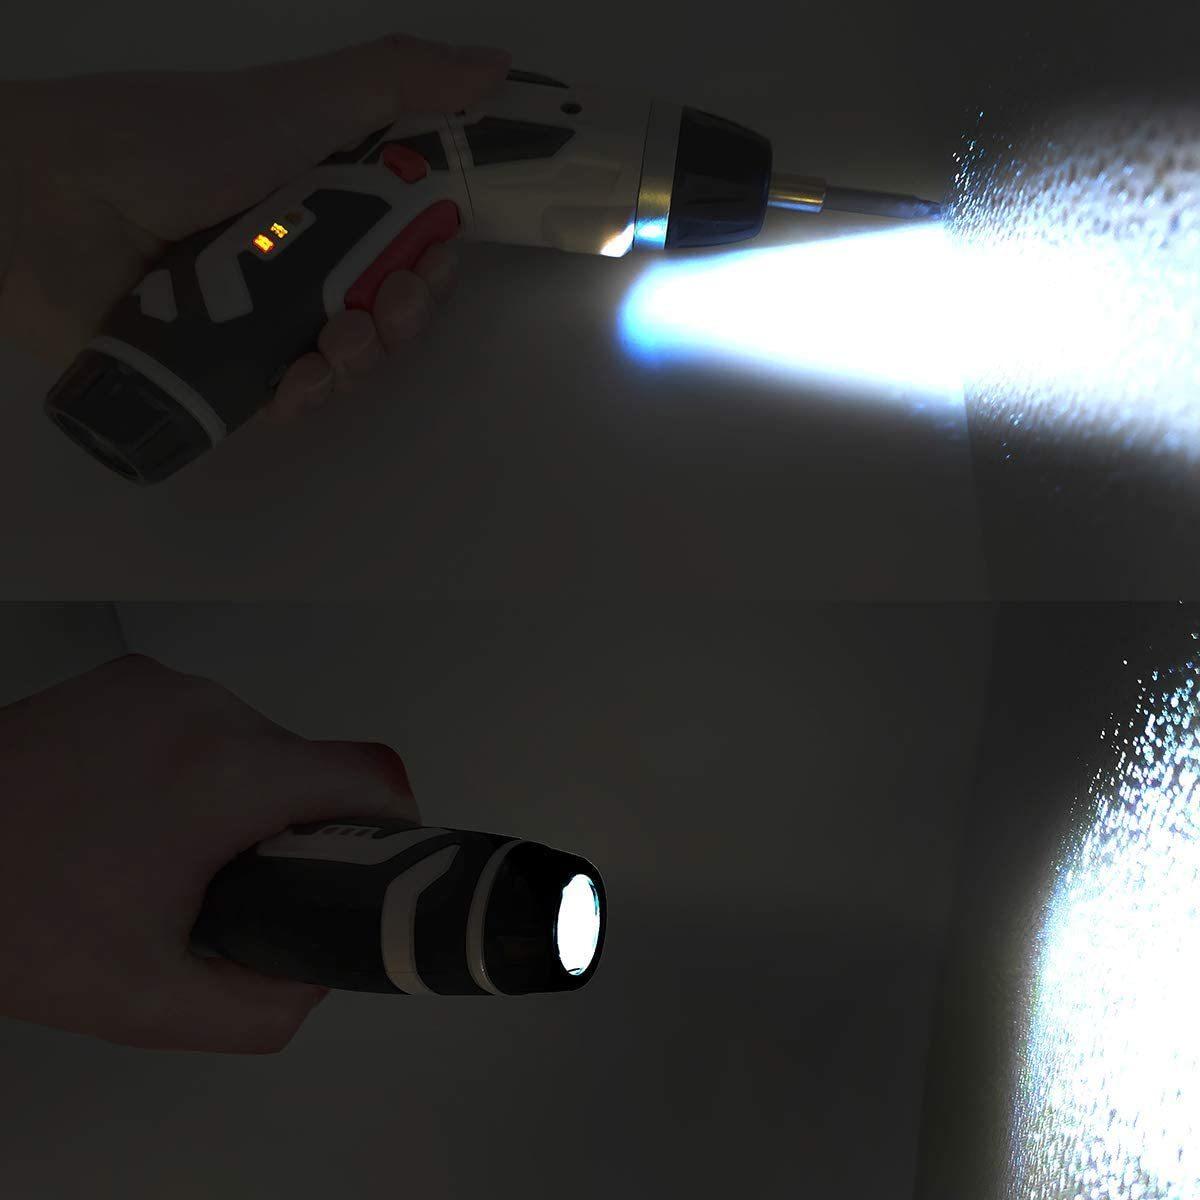 【限定1点】電動ドライバー 電動ドリル 44本ビット1本延長棒 正逆転切り替え トルク調整可 LEDライト付き USB充電ケーブル付き Kuromatsu_画像7